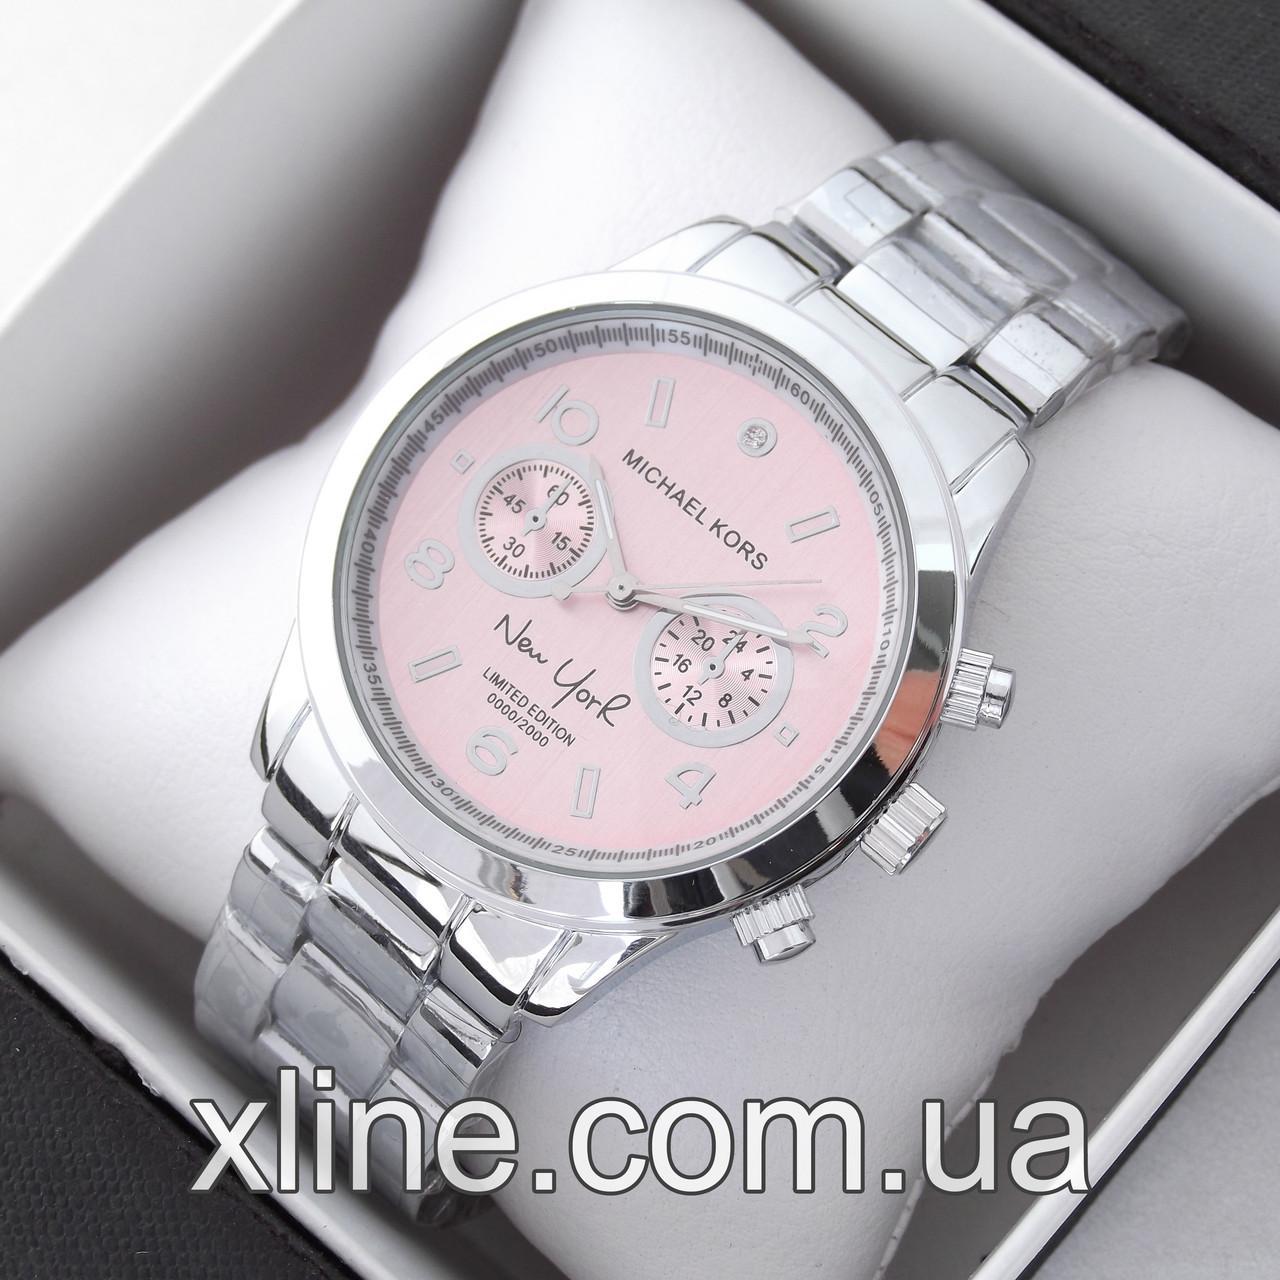 Женские наручные часы Michael Kors 6211 на металлическом браслете